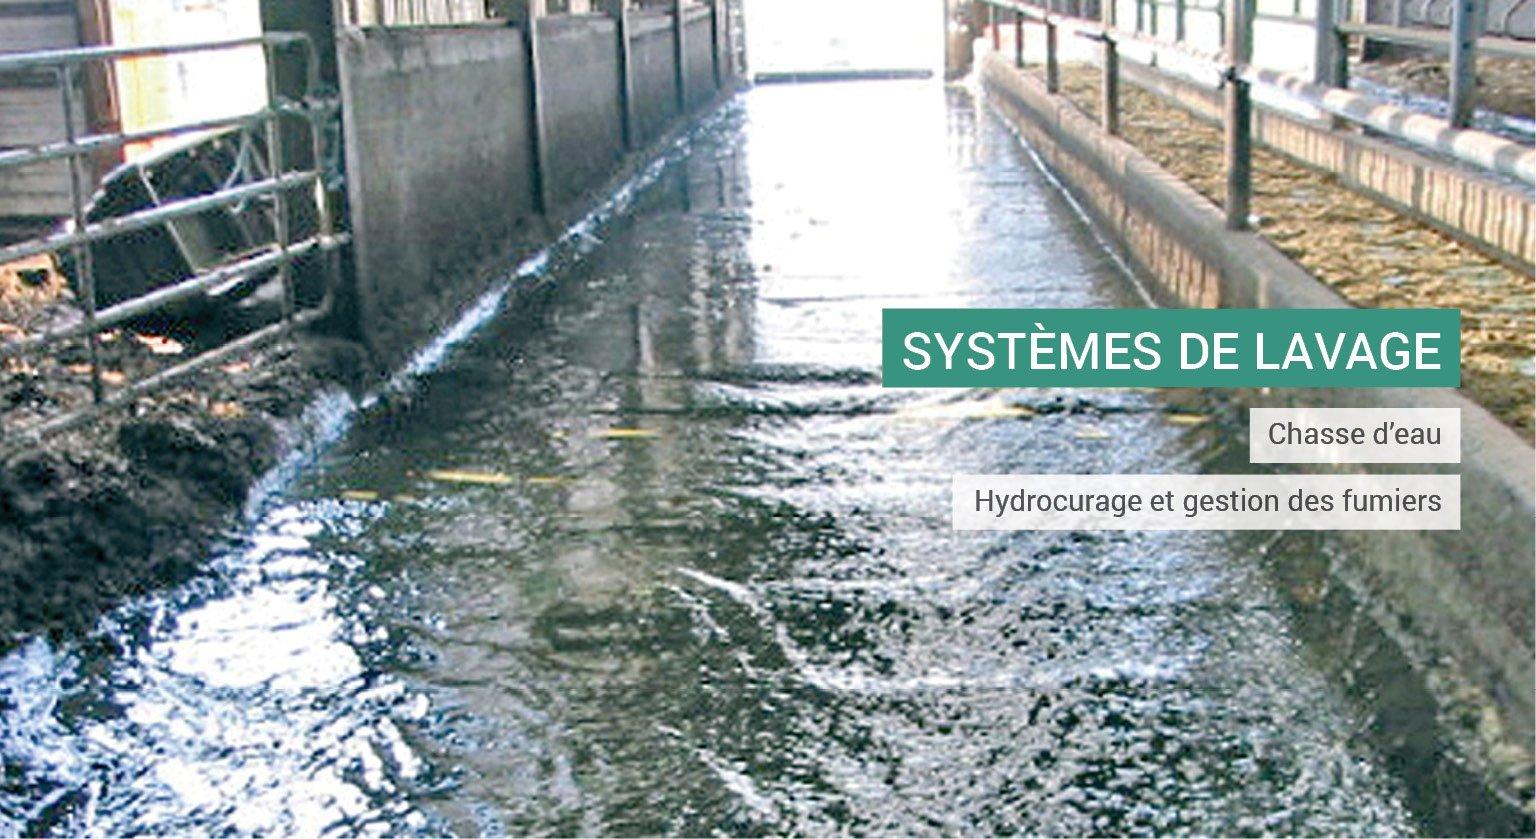 Système de lavage agricole : chasse d'eau